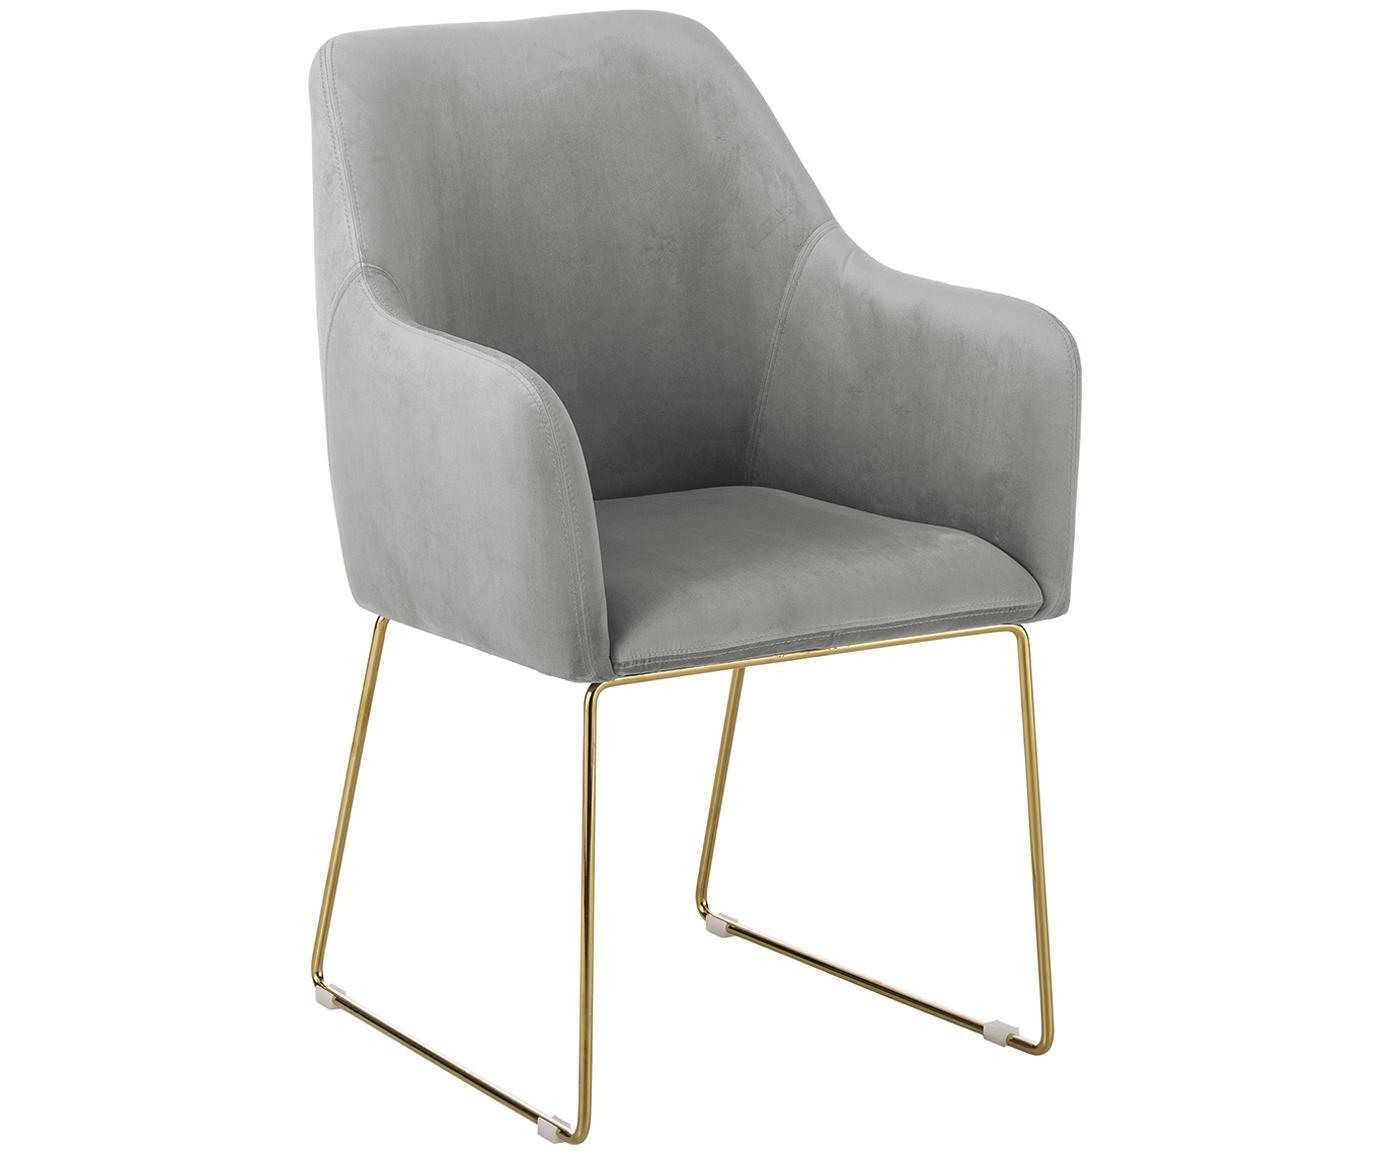 Krzesło z aksamitu z podłokietnikami Isla, Tapicerka: aksamit (poliester) 5000, Nogi: metal powlekany, Aksamitny szary, nogi: złoty, S 58 x G 62 cm